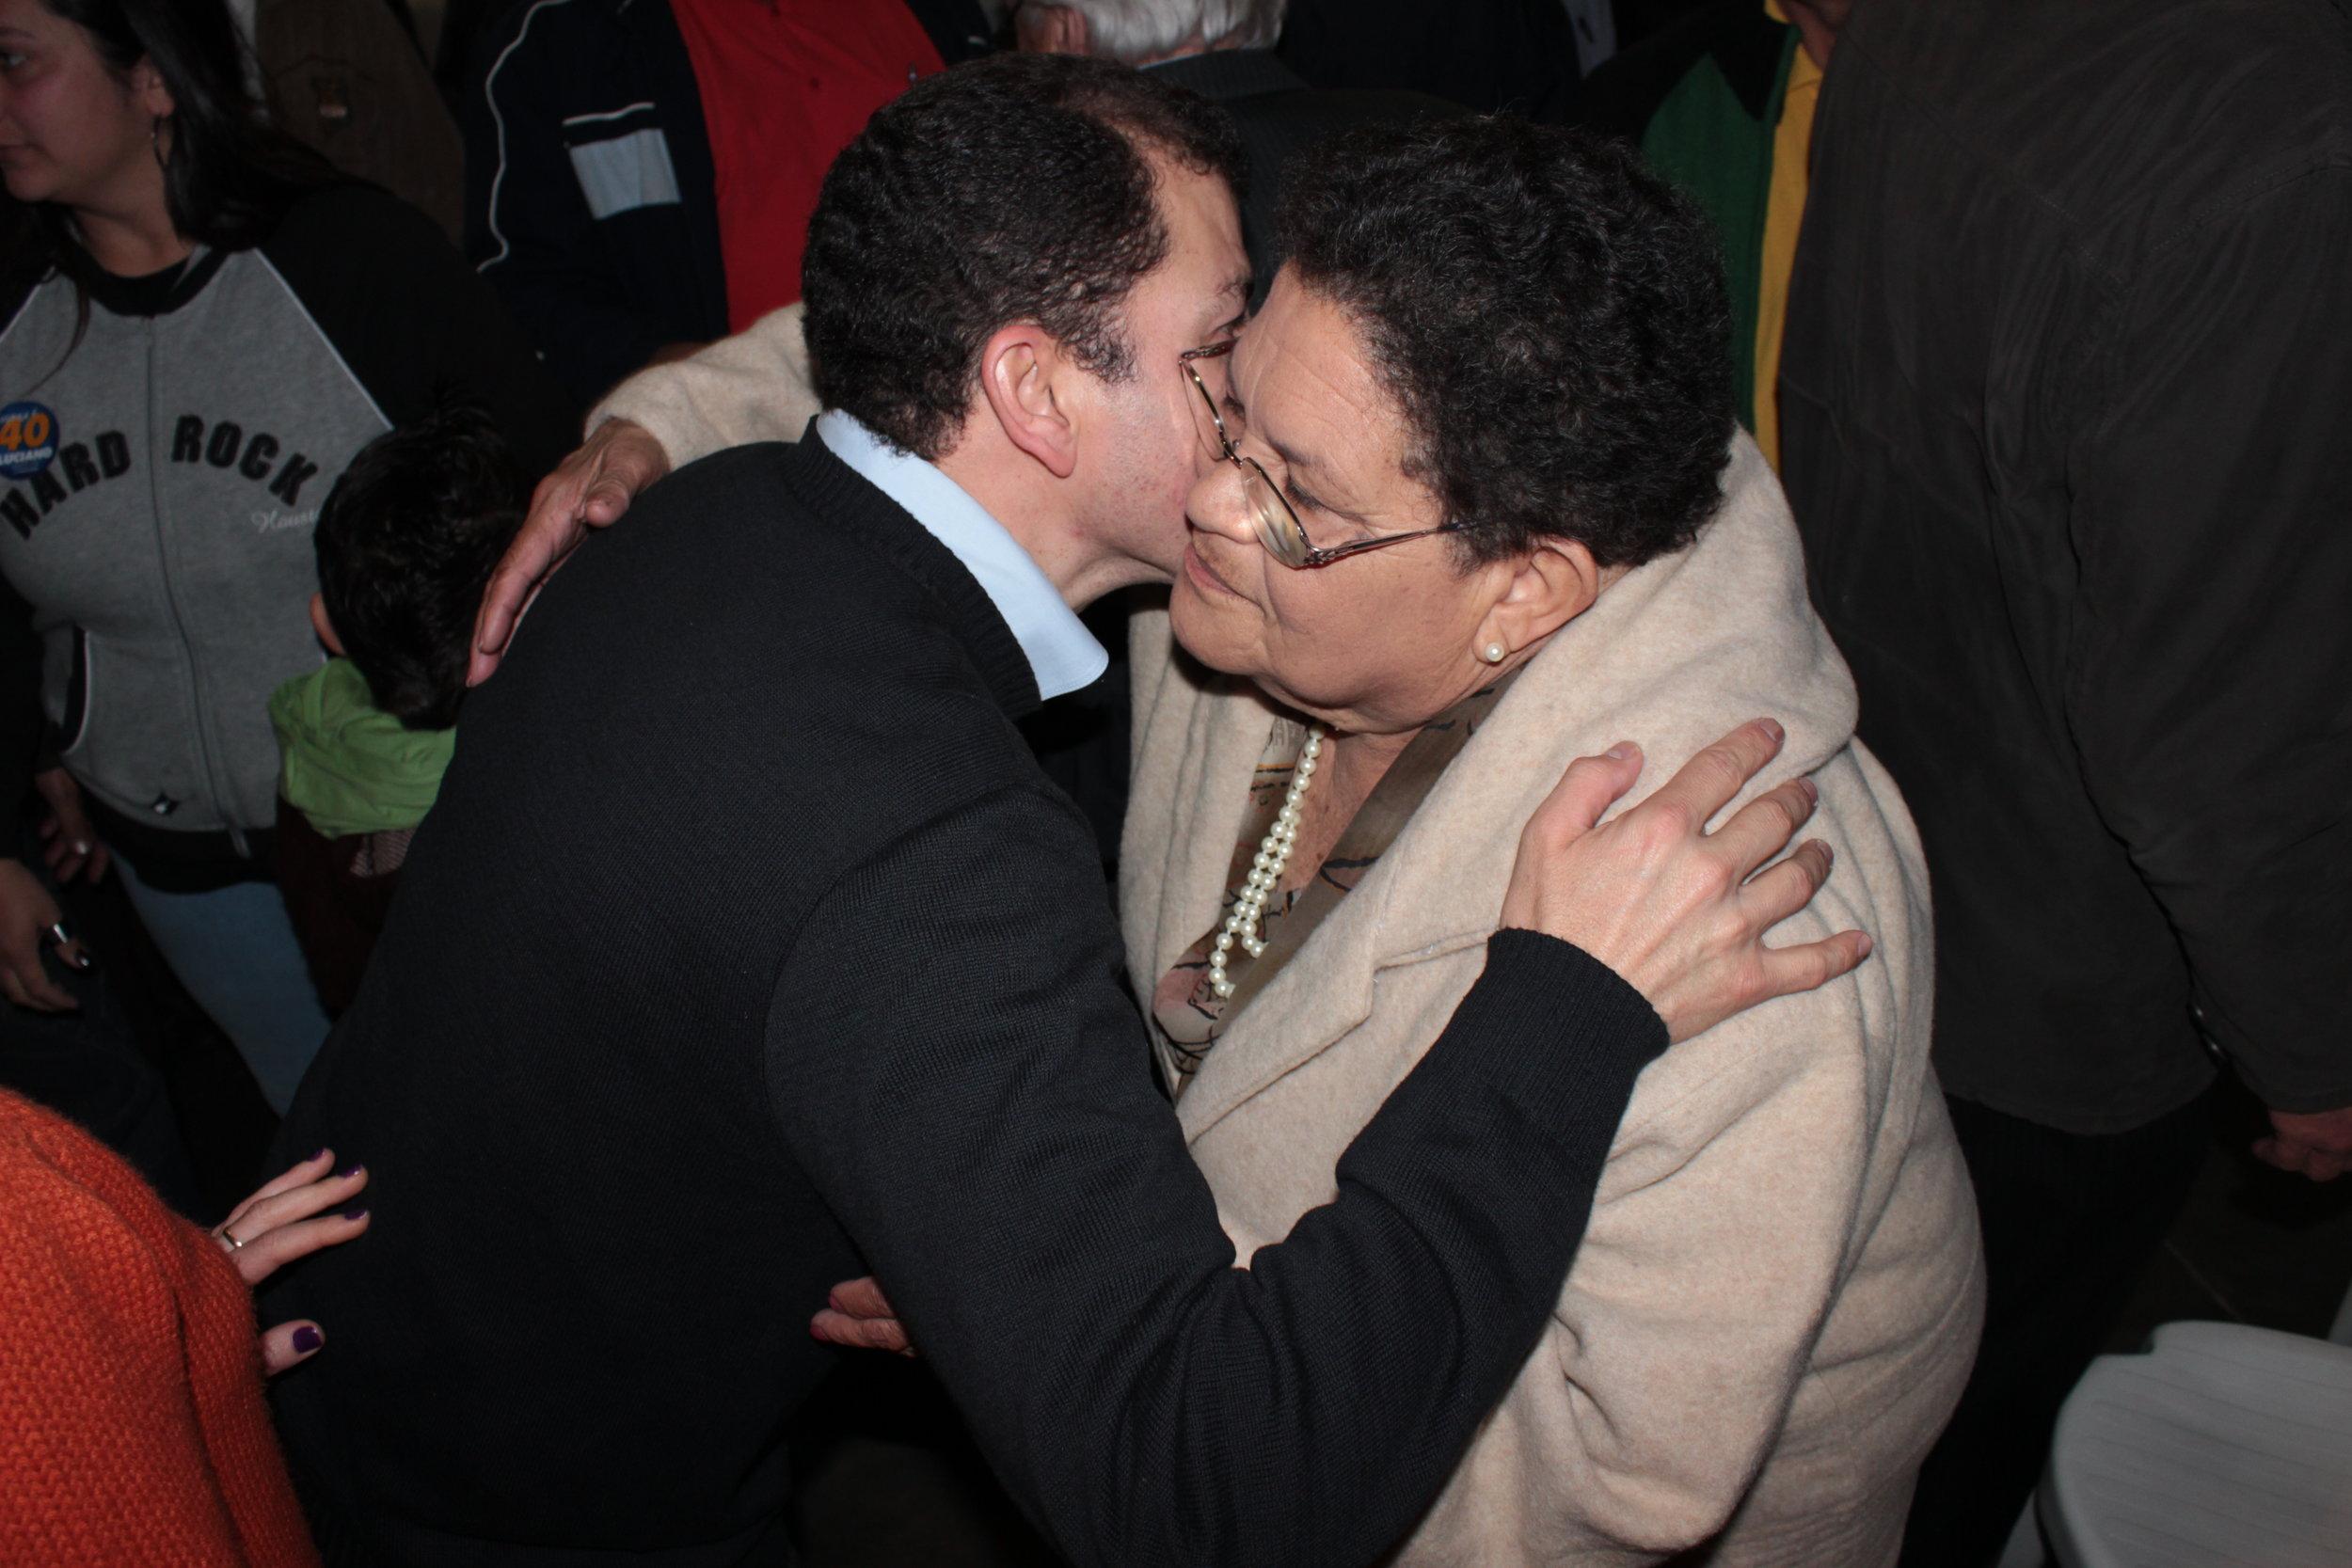 Lancamento Candidatura Serginho 2012 - Salao Rosario de Belem (114).JPG